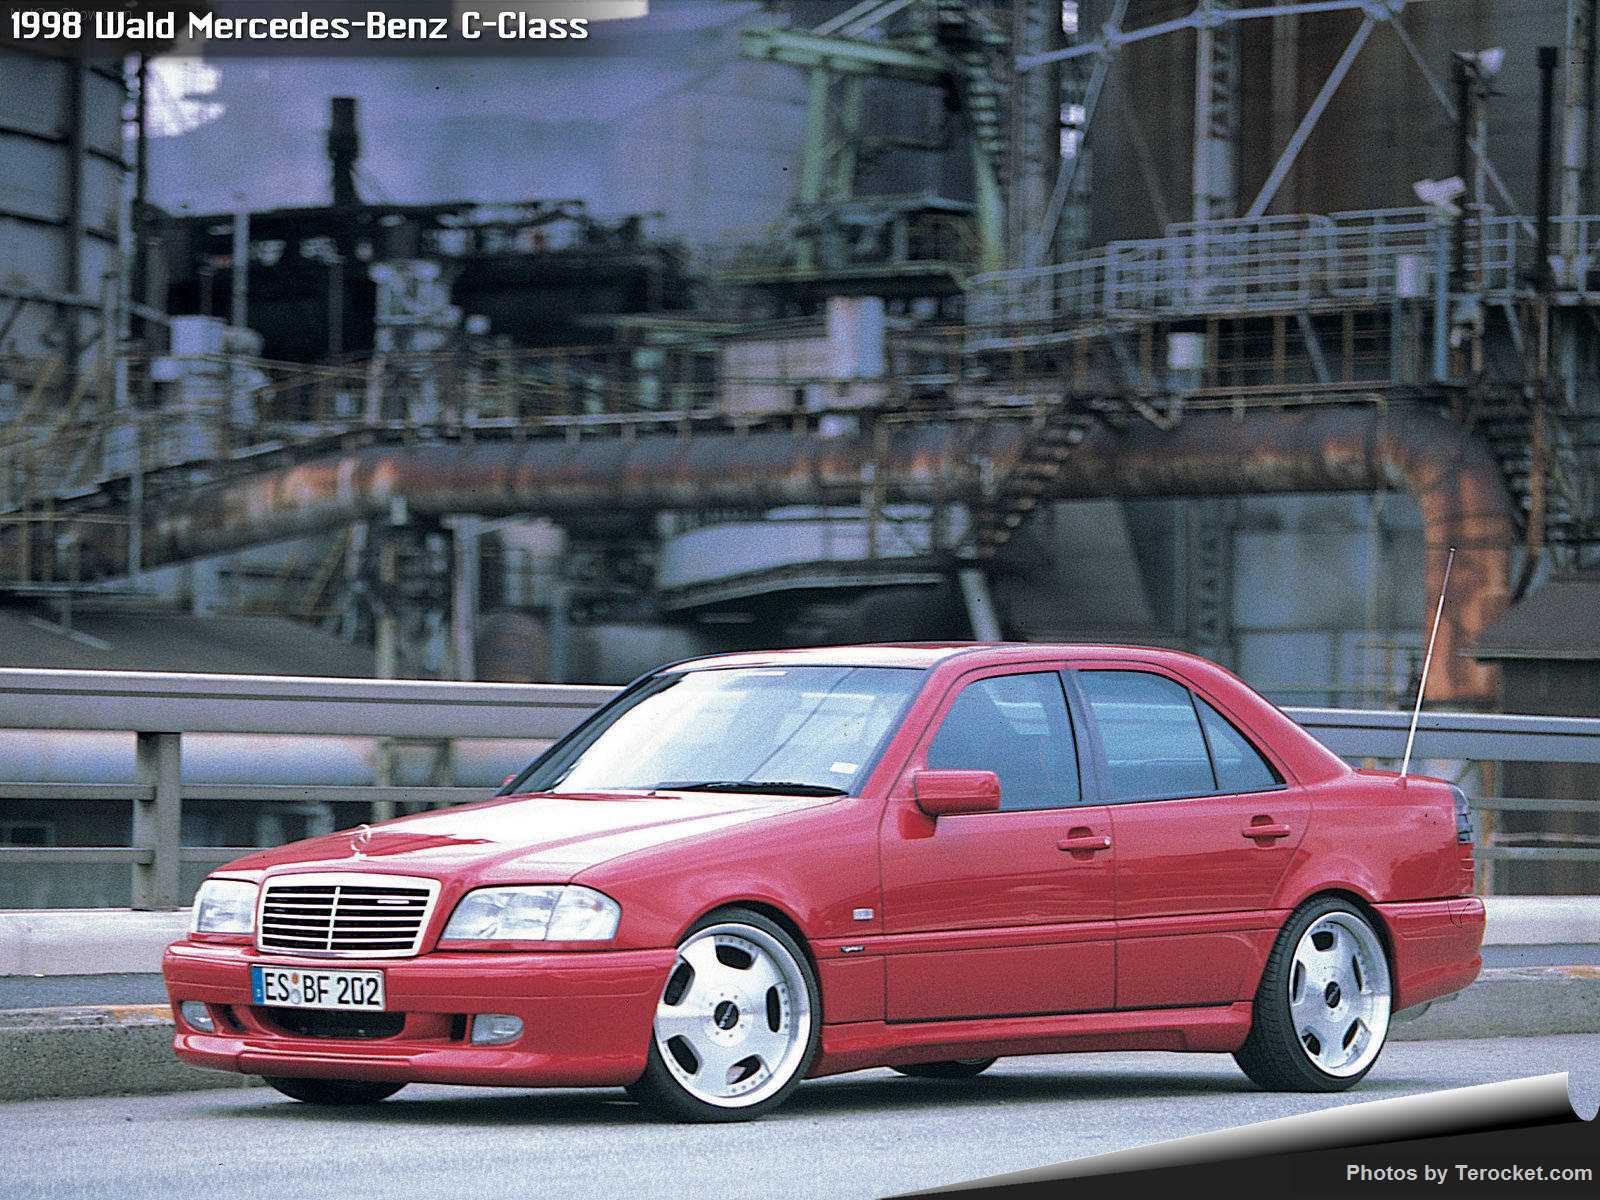 Hình ảnh xe độ Wald Mercedes-Benz C-Class 1998 & nội ngoại thất